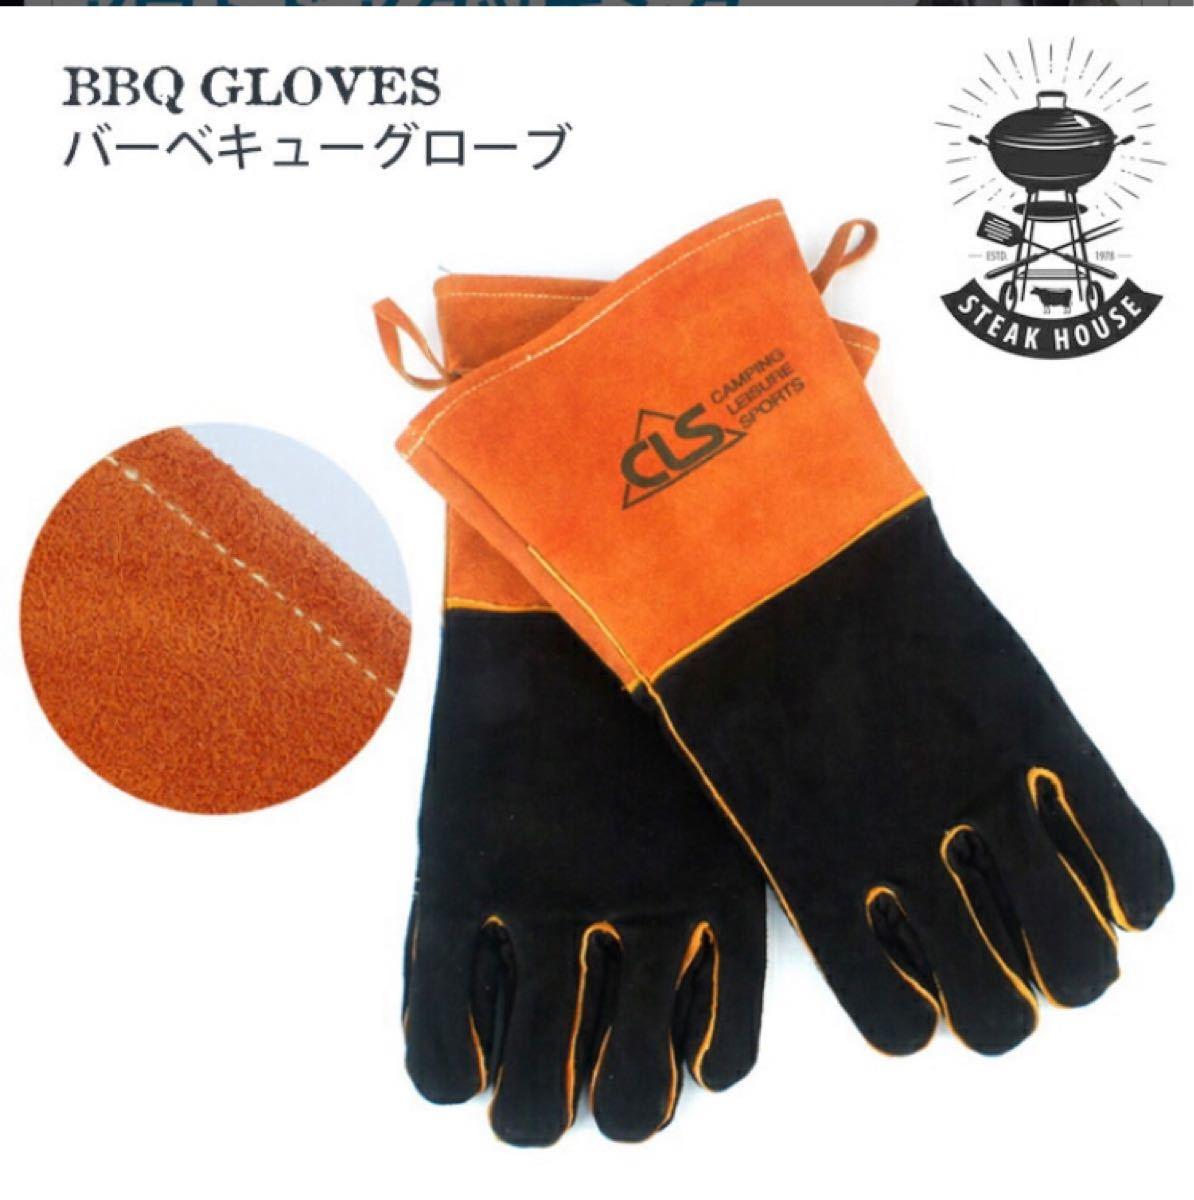 耐熱グローブ  厚手 手袋 キャンプグローブ 牛革 BBQ 耐熱グローブ アウトドア用